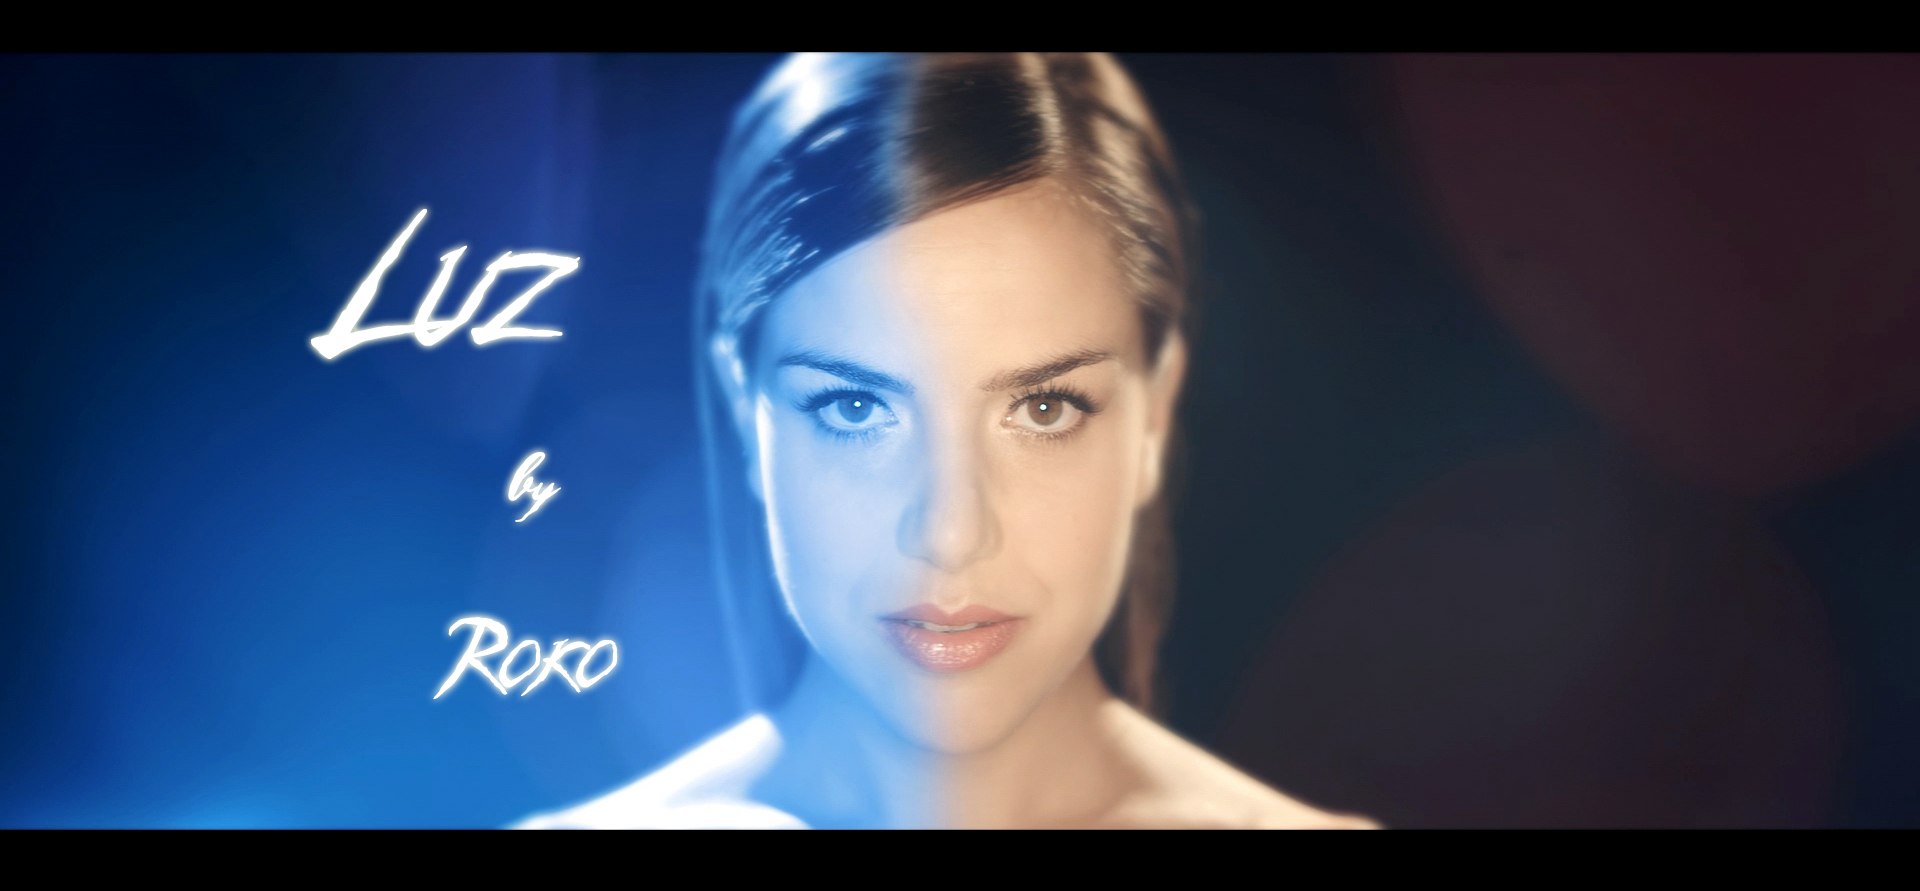 Luz By Roko